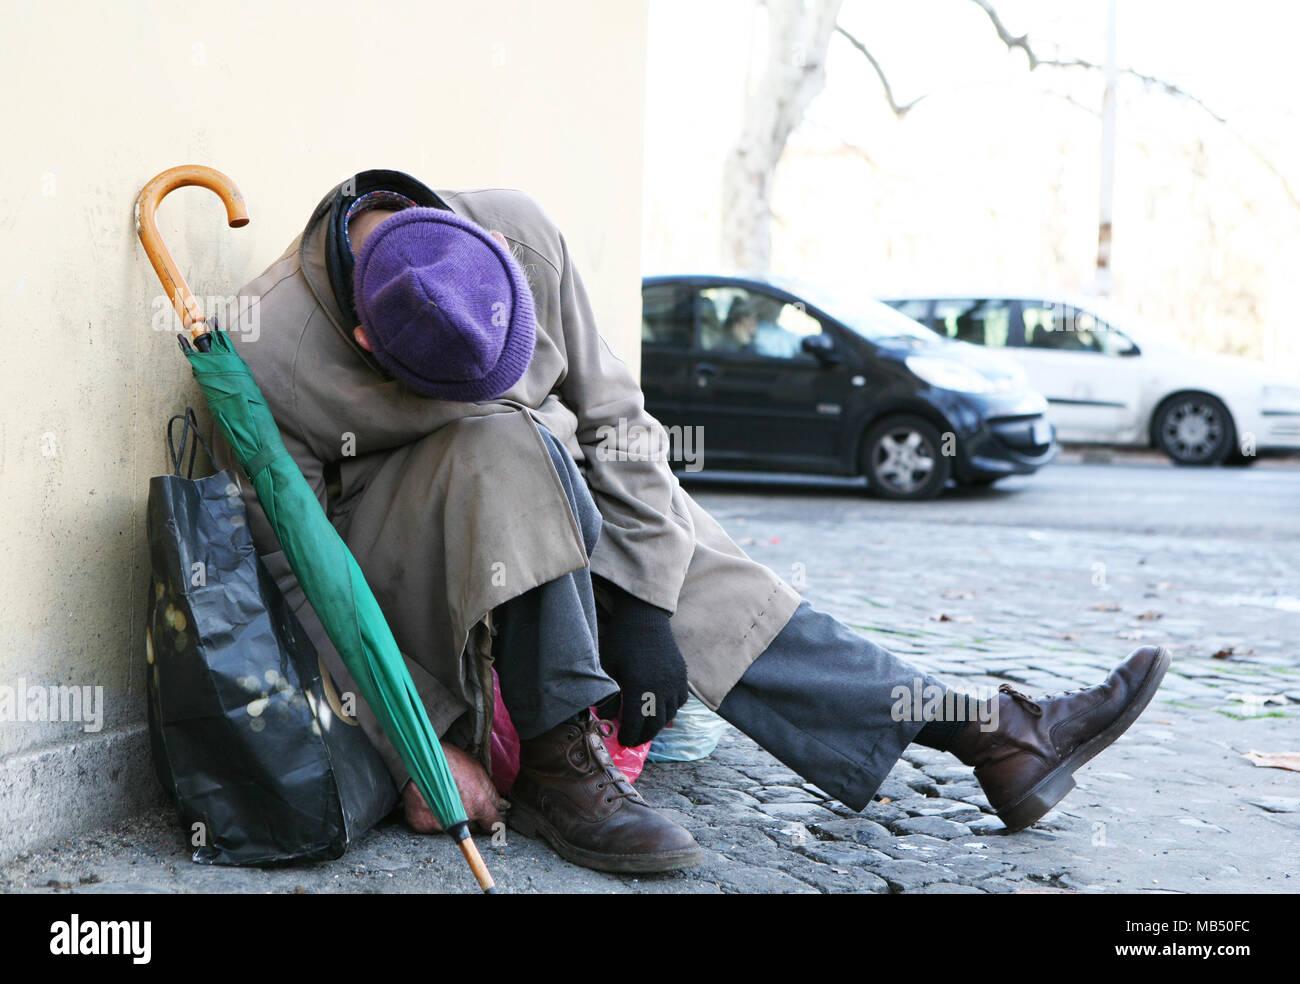 Les sans-abri avec chapeau, parapluie, sac et dormir dans la rue dans une position en plastique Photo Stock